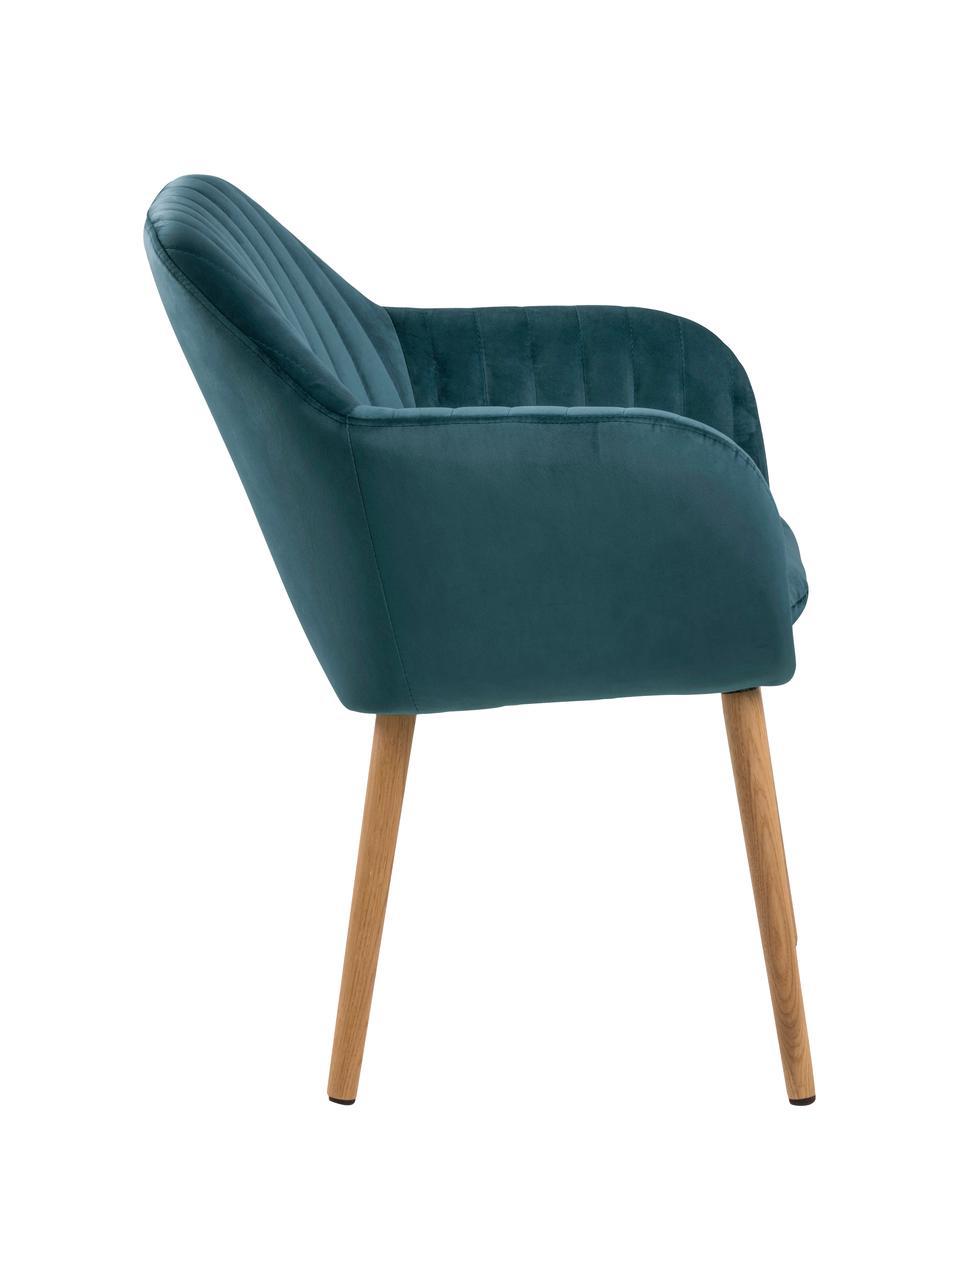 Krzesło z podłokietnikami z aksamitu i drewnianymi nogami Emilia, Tapicerka: poliester (aksamit) Dzięk, Nogi: drewno dębowe, olejowane, Aksamitny niebieski, drewno dębowe, S 57 x G 59 cm